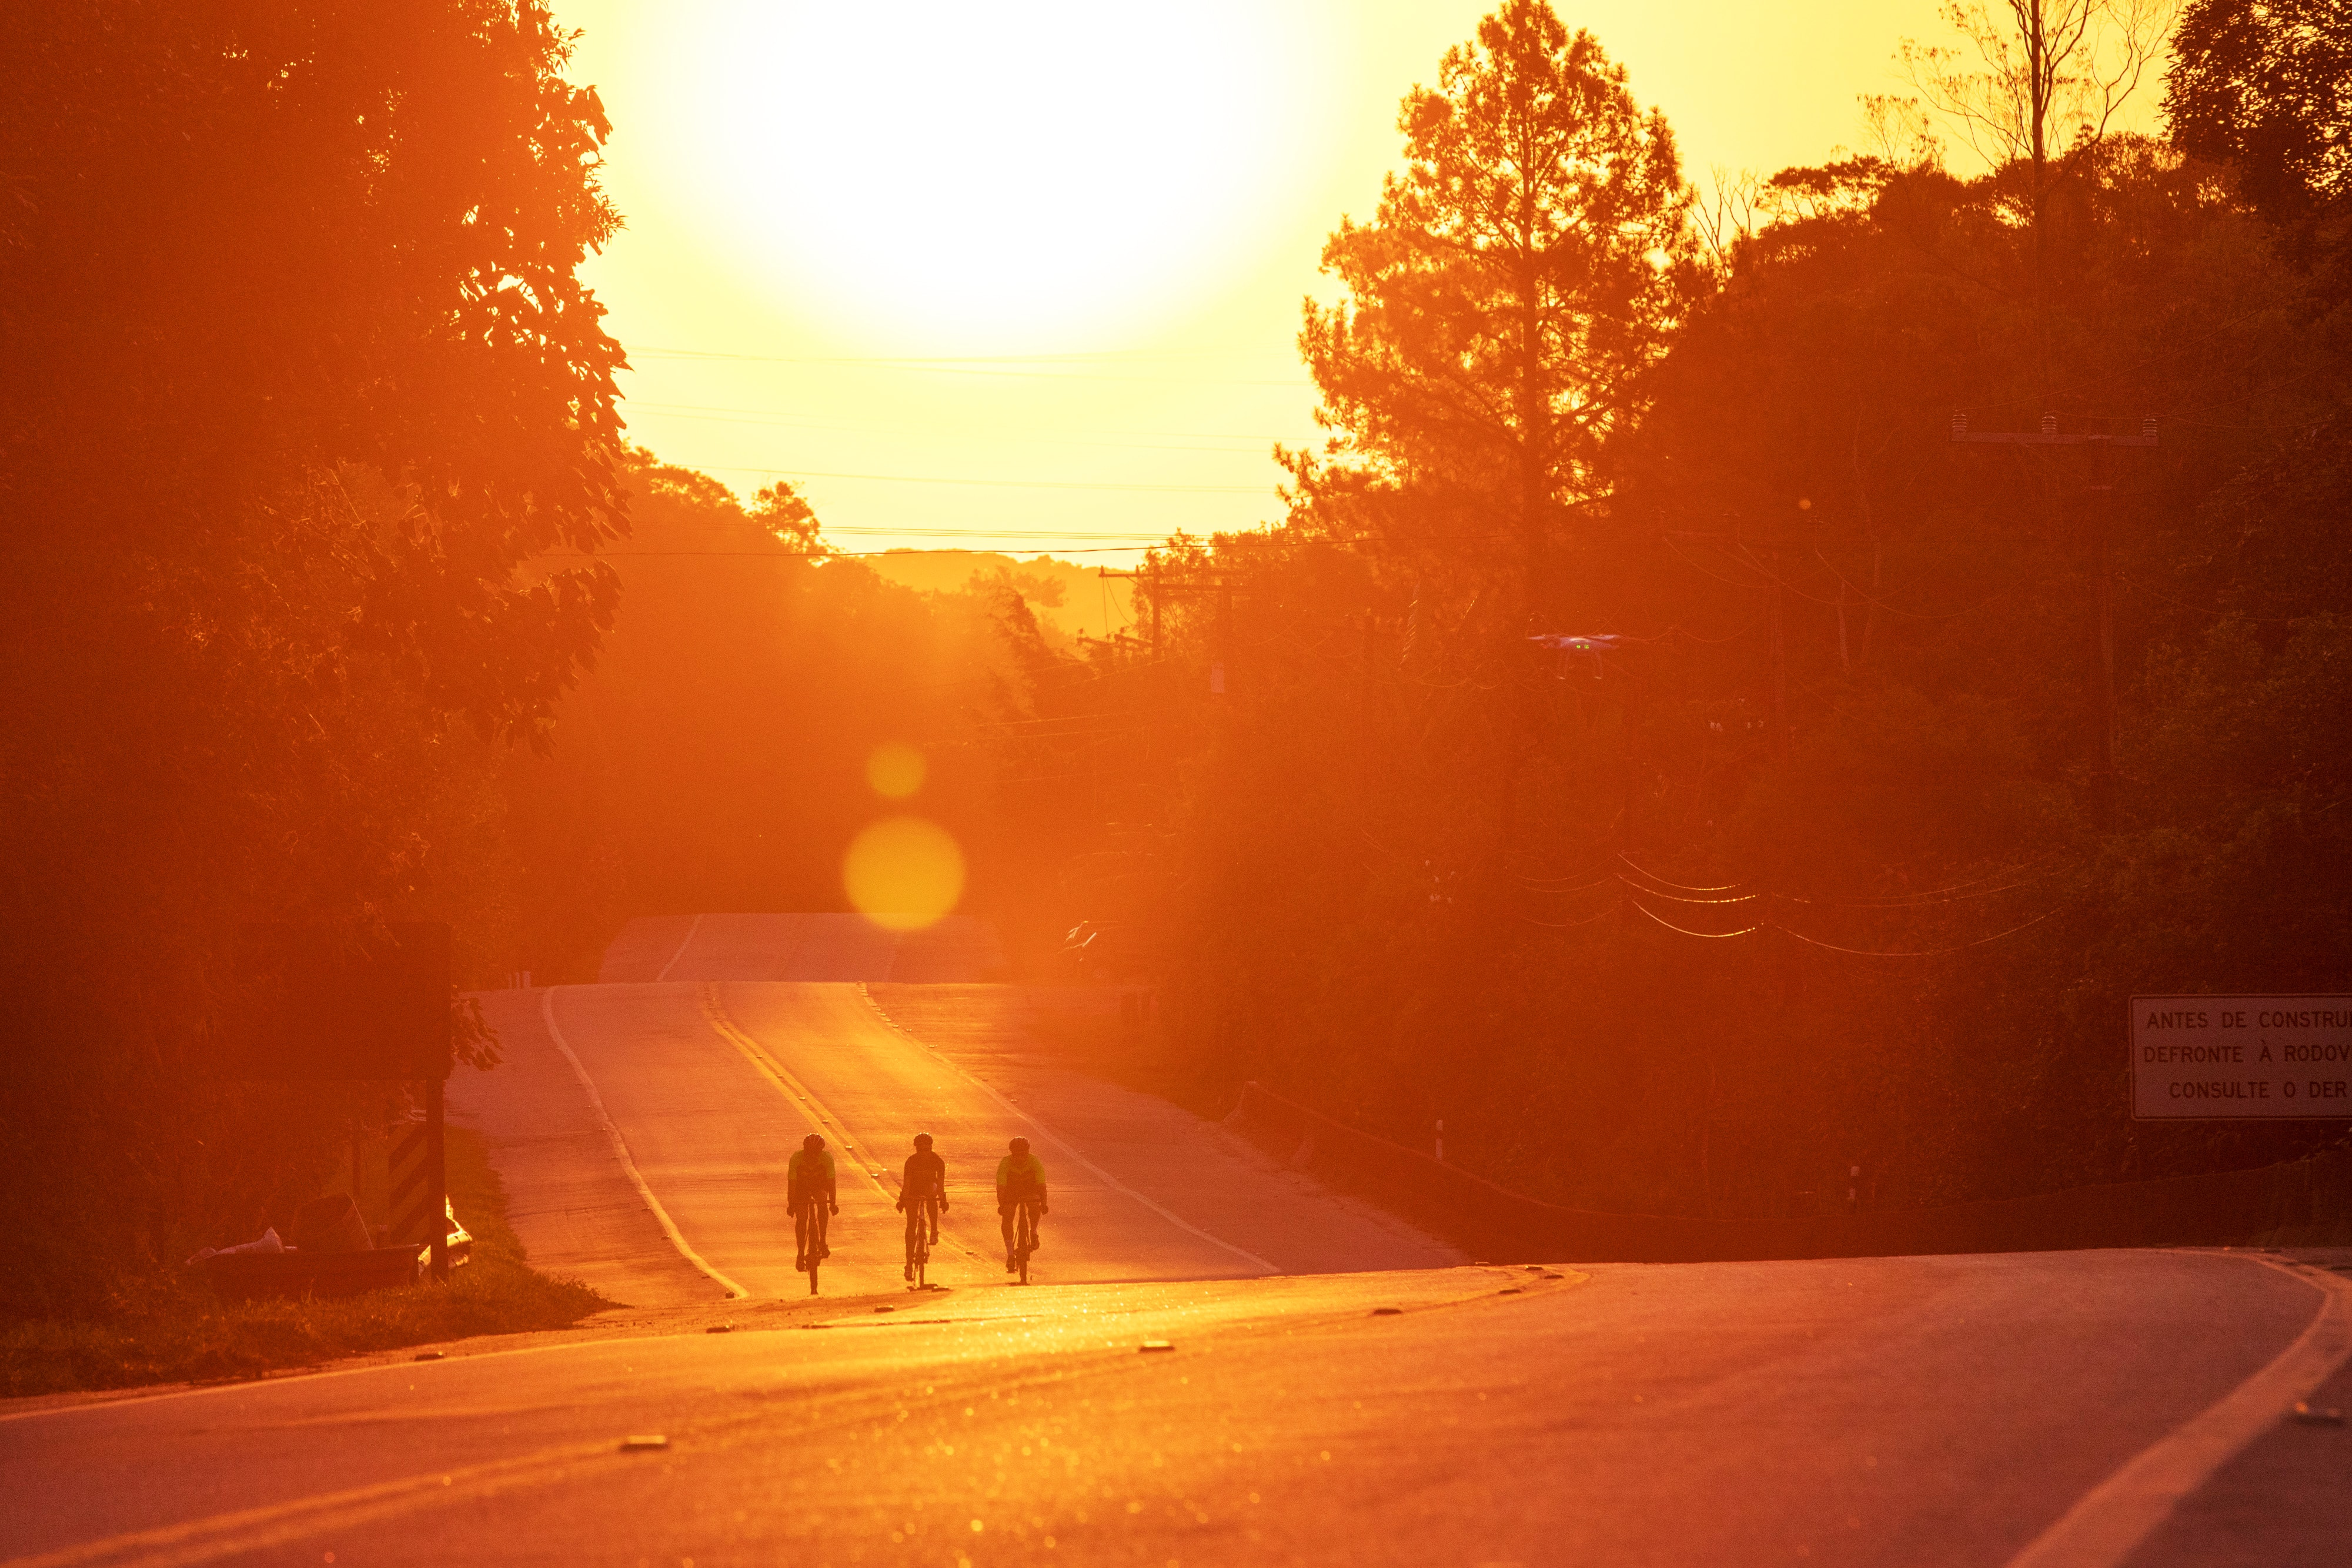 Pedalar no calor: três ciclistas pedalam em uma estrada enquanto o sol se põe